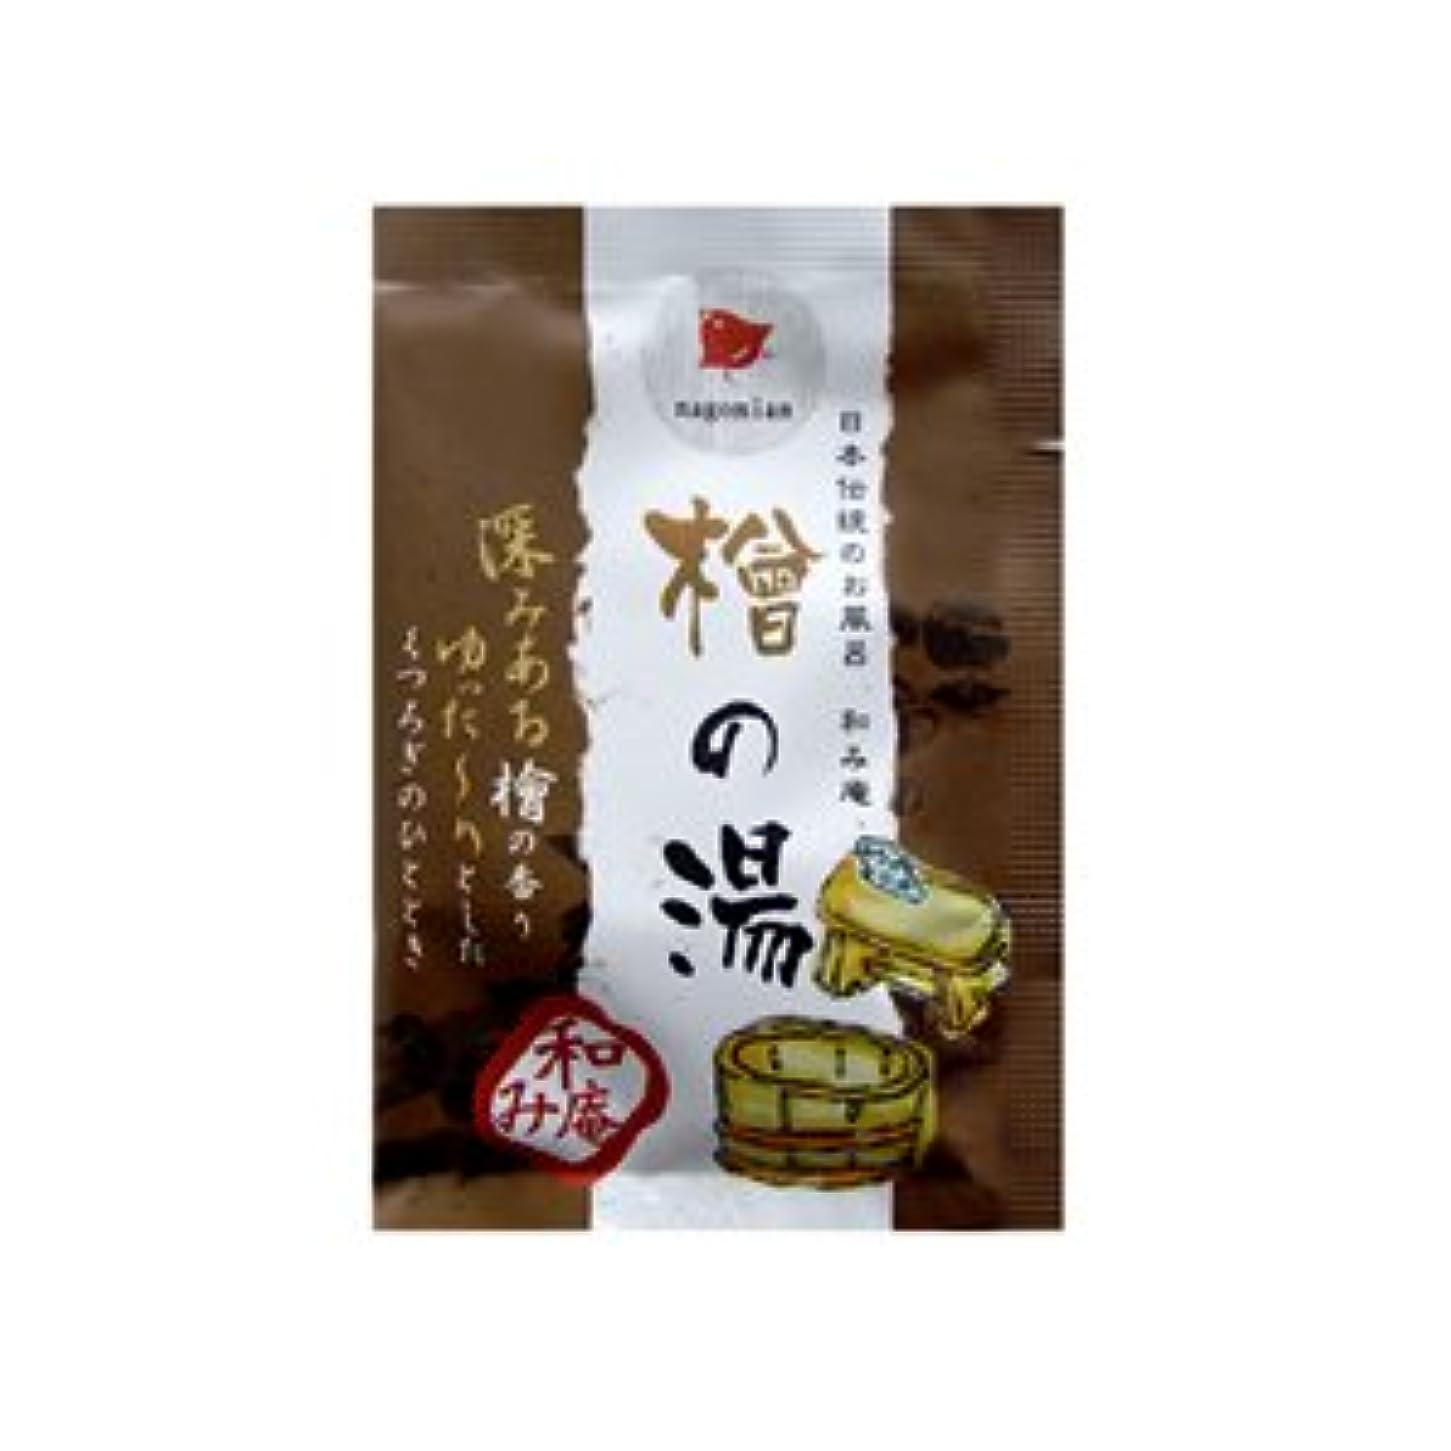 湿度荒野ゆるい日本伝統のお風呂 和み庵 檜の湯 25g 5個セット